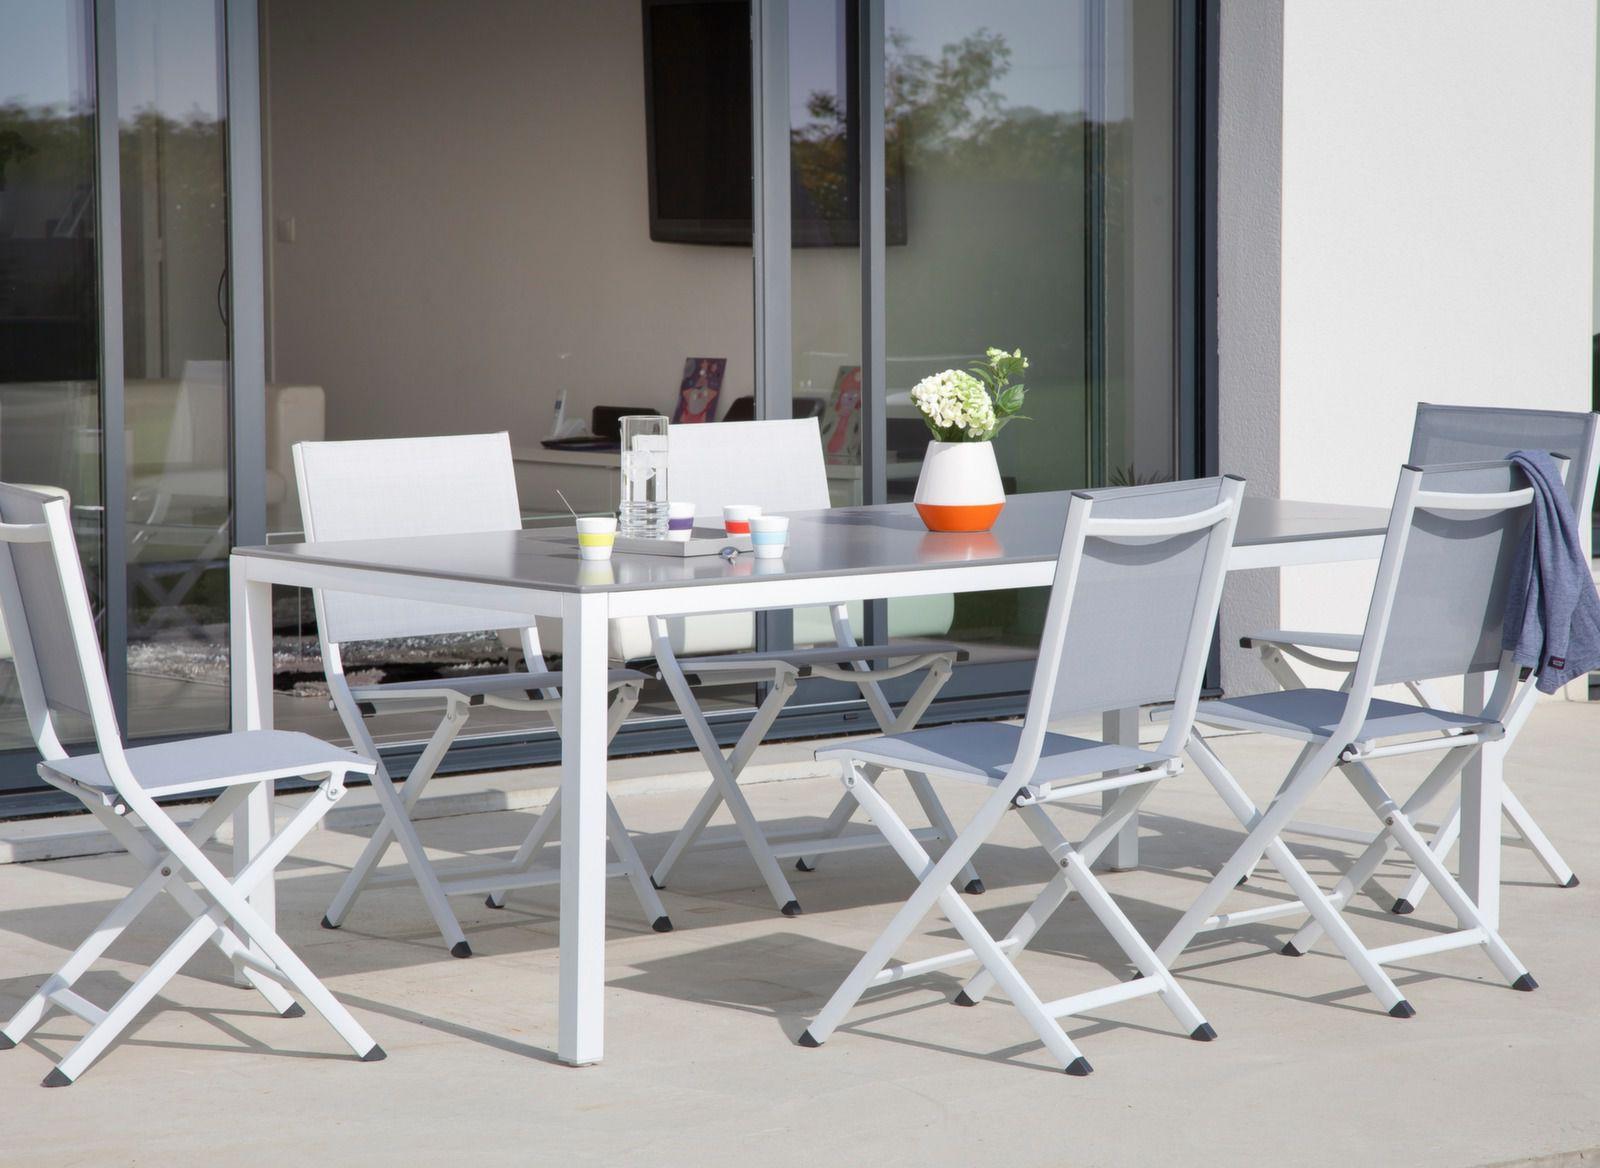 Table de jardin Création 200x100cm + 6 chaises - Promo - Proloisirs